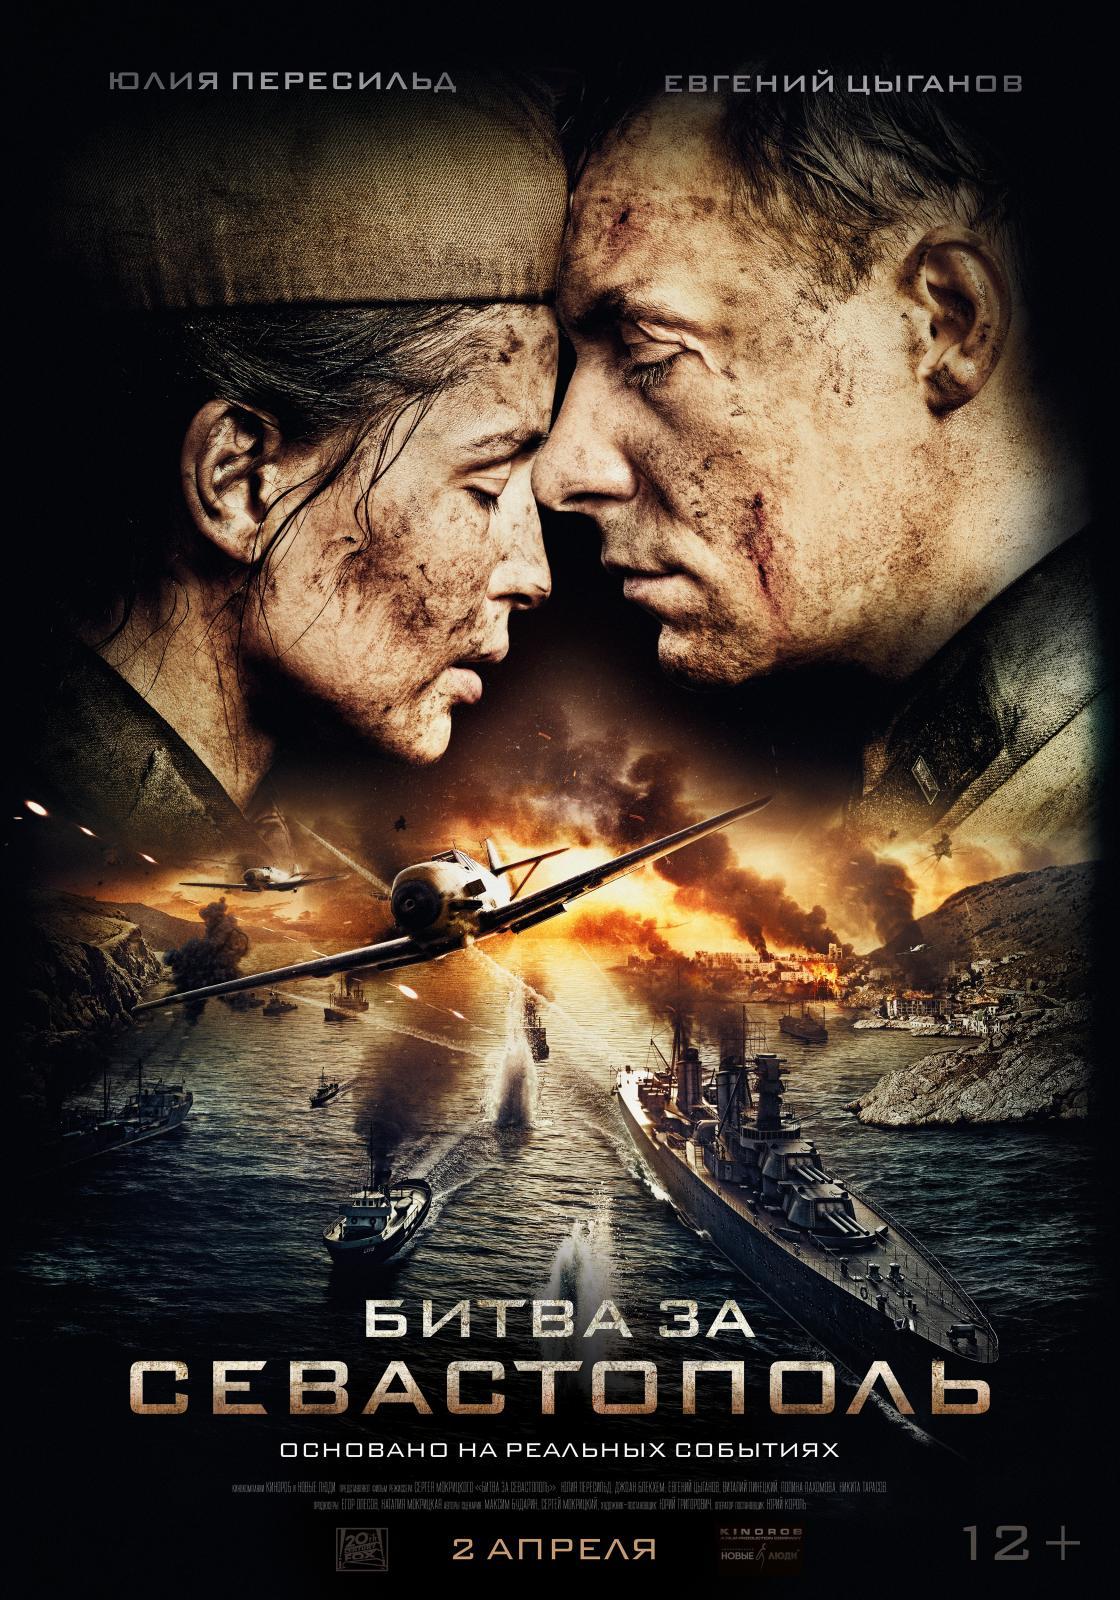 Сериал Битва за Севастополь (Россия-Украина)